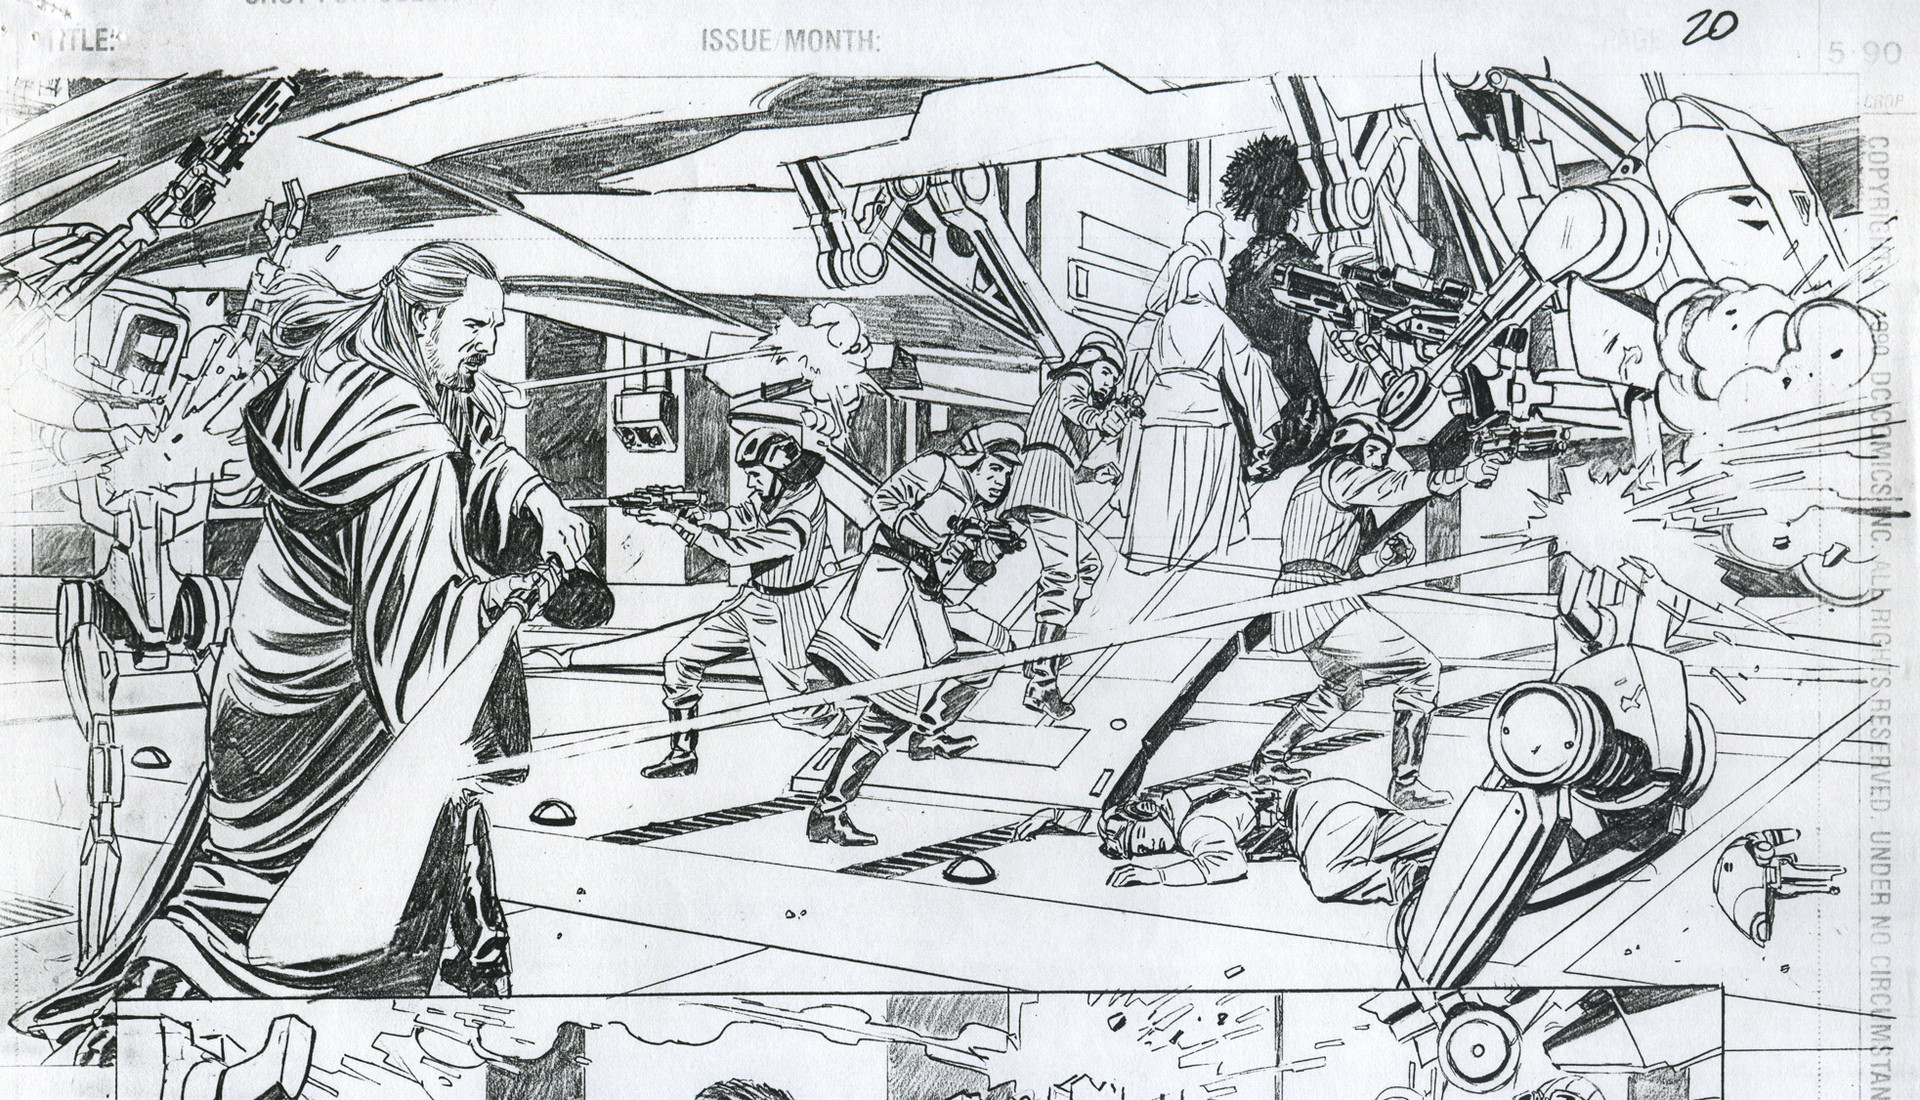 Rodolfo damaggio starwars comic100